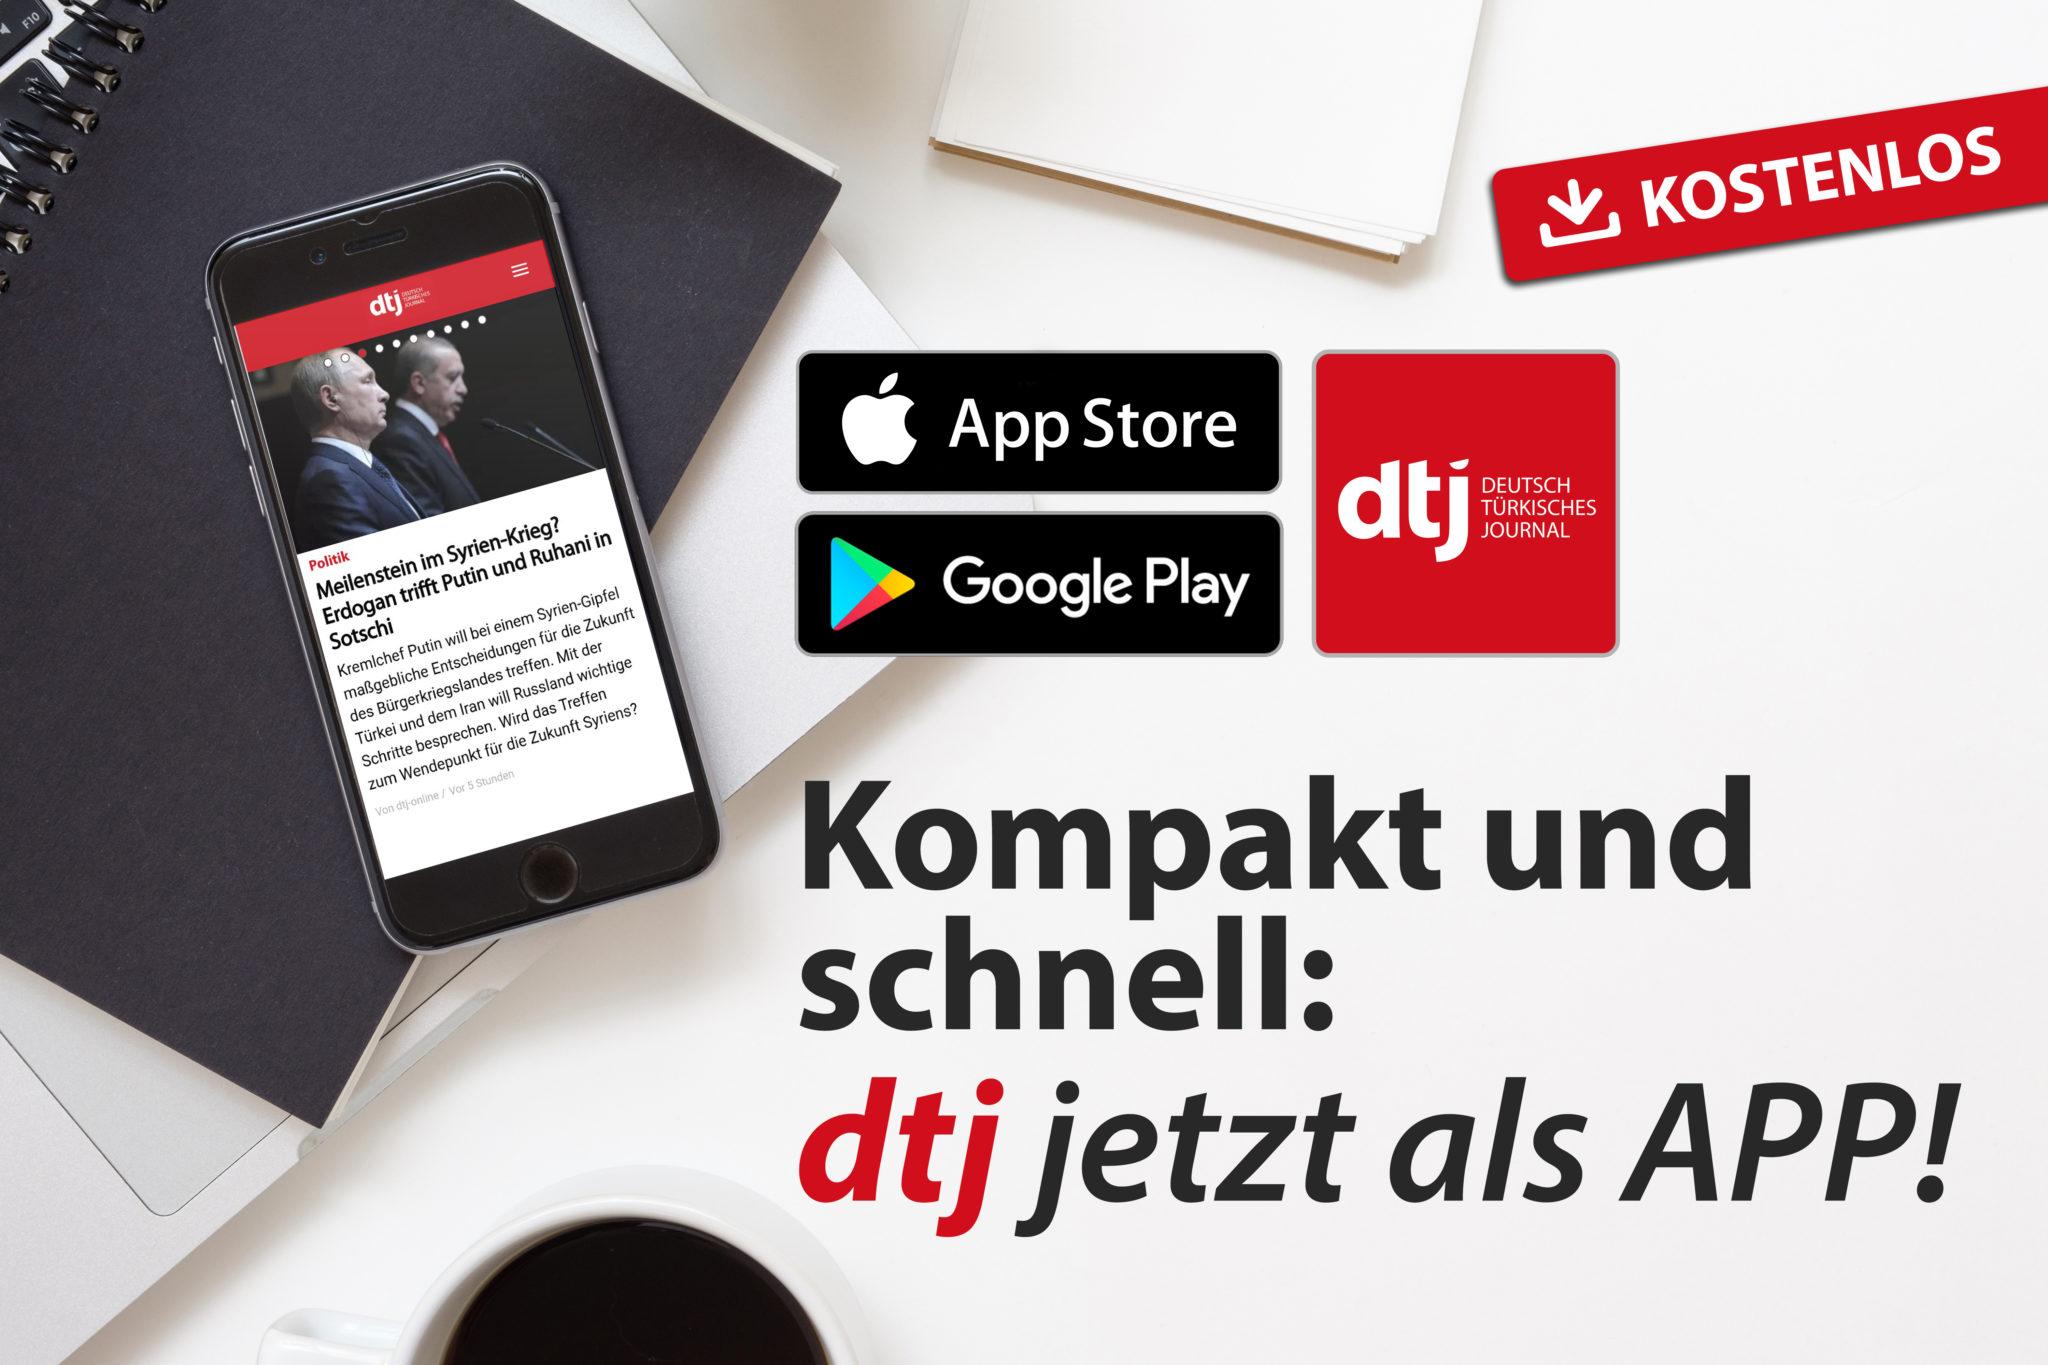 DTJ App Kampange Kopie.psd - Unsere DTJ-Apps